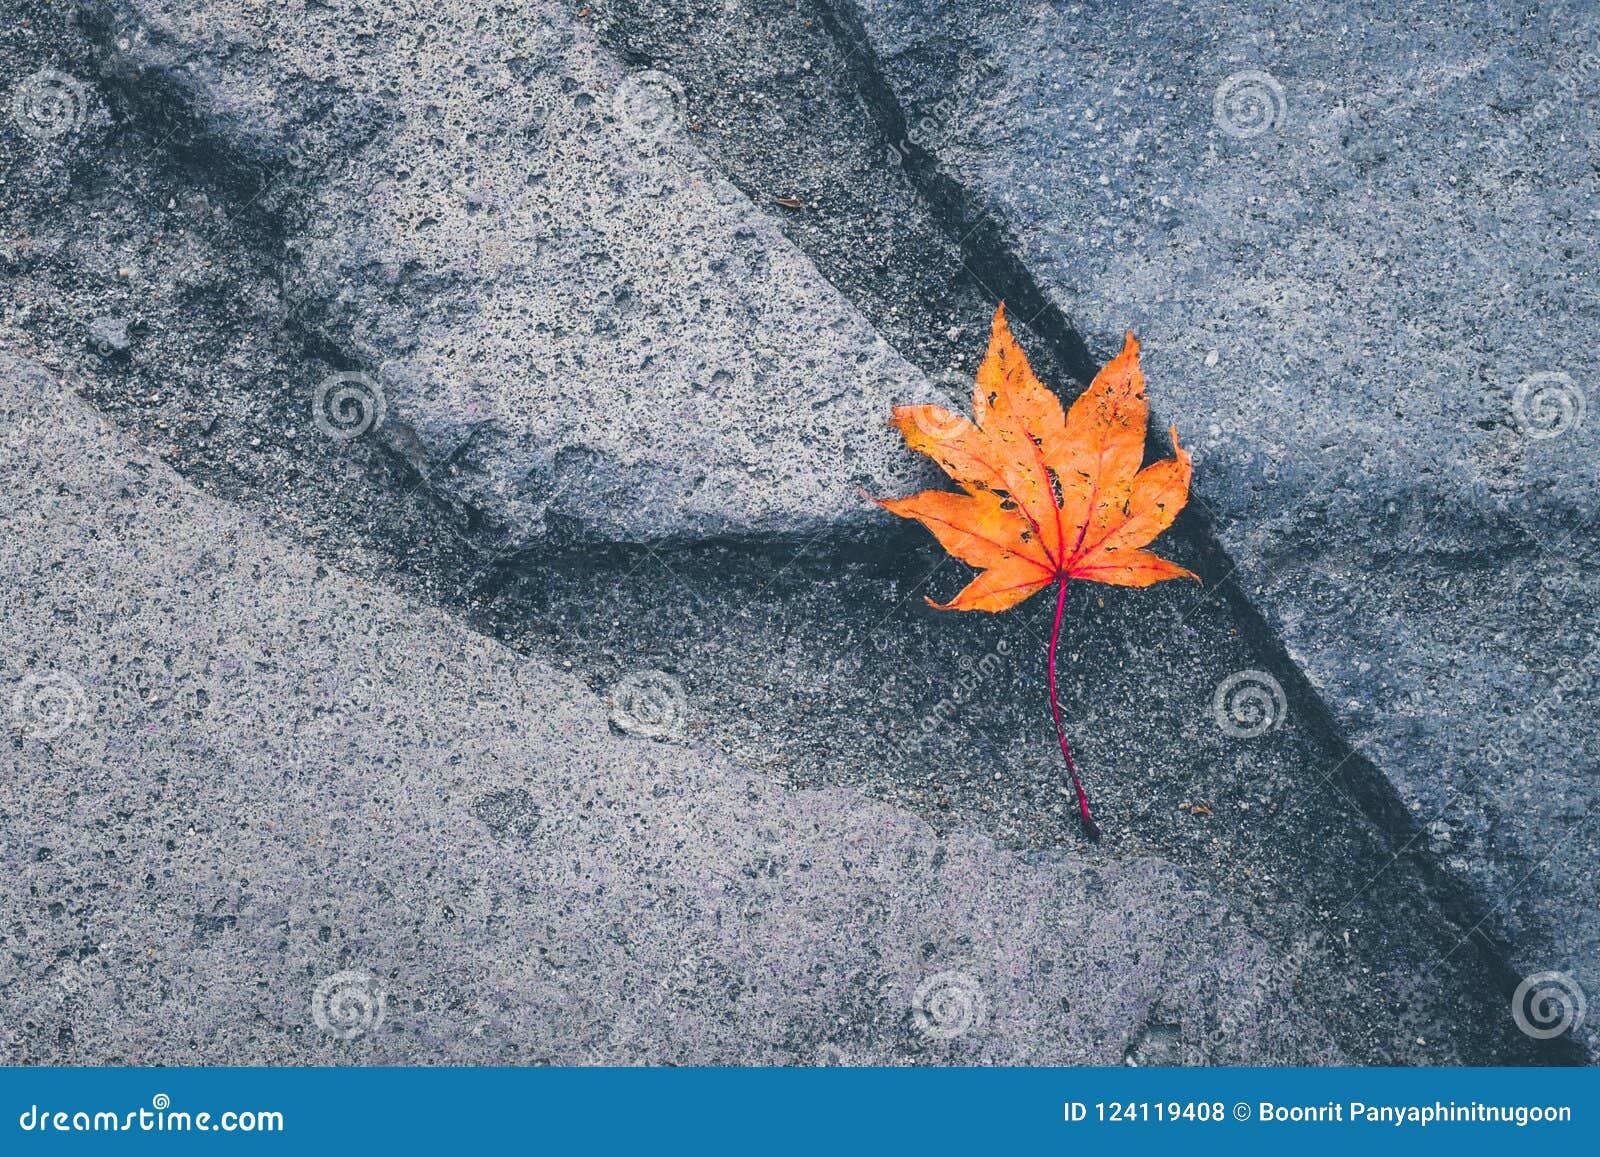 Minimalisty styl, Retro koloru filtr Czerwony suchy liść klonowy jest